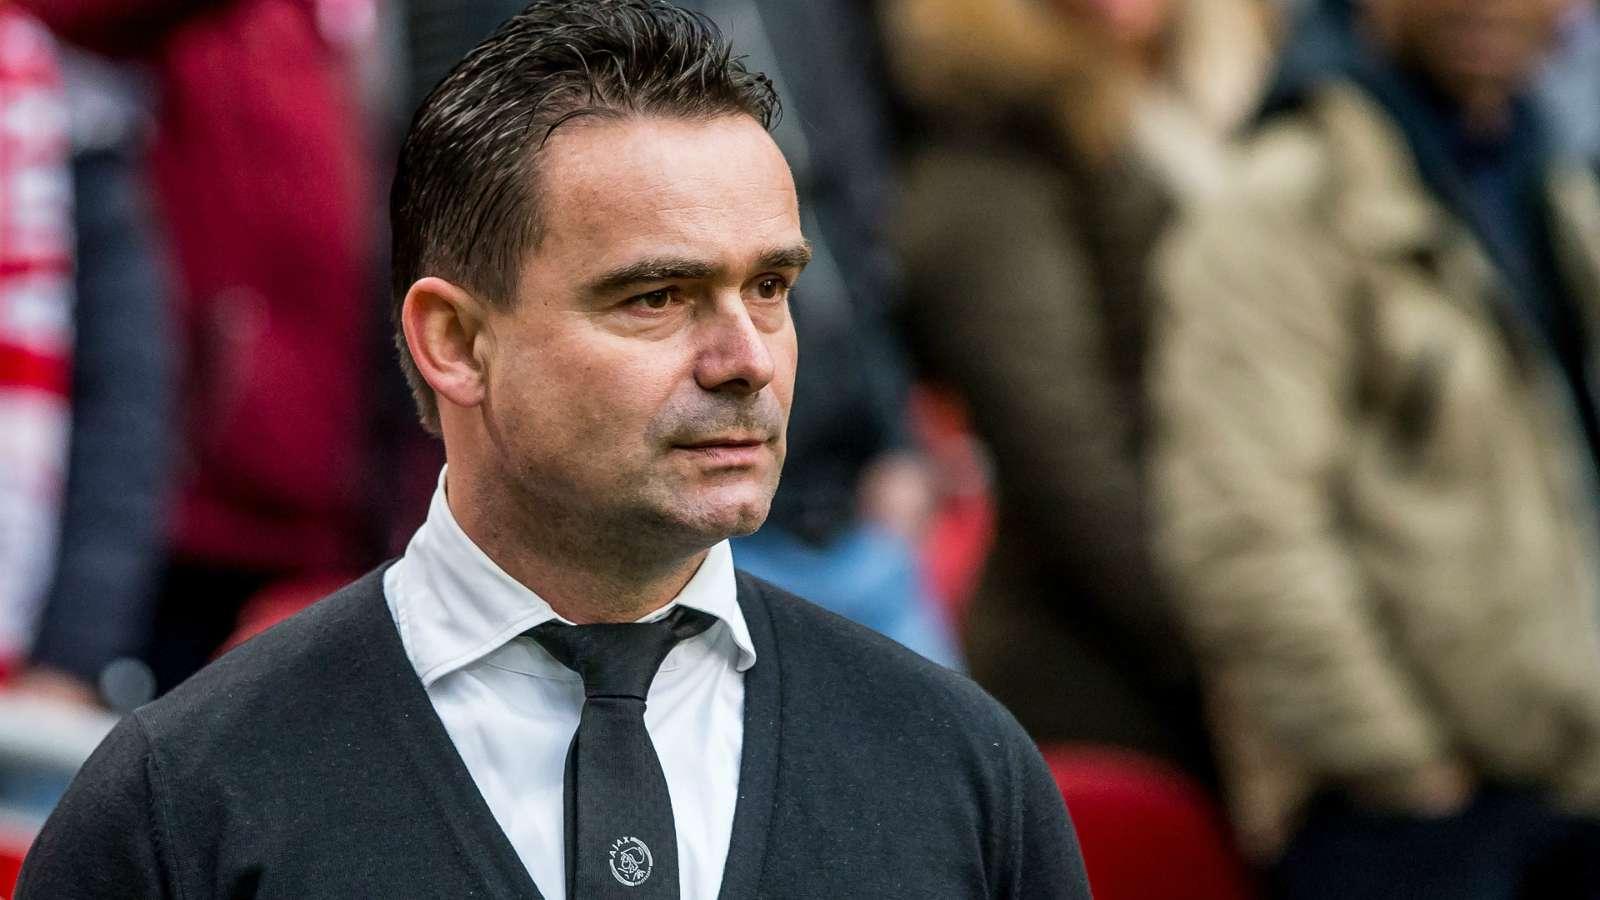 'They are like Trump!' - Ajax director Overmars slams Dutch FA over coronavirus plan - Bóng Đá